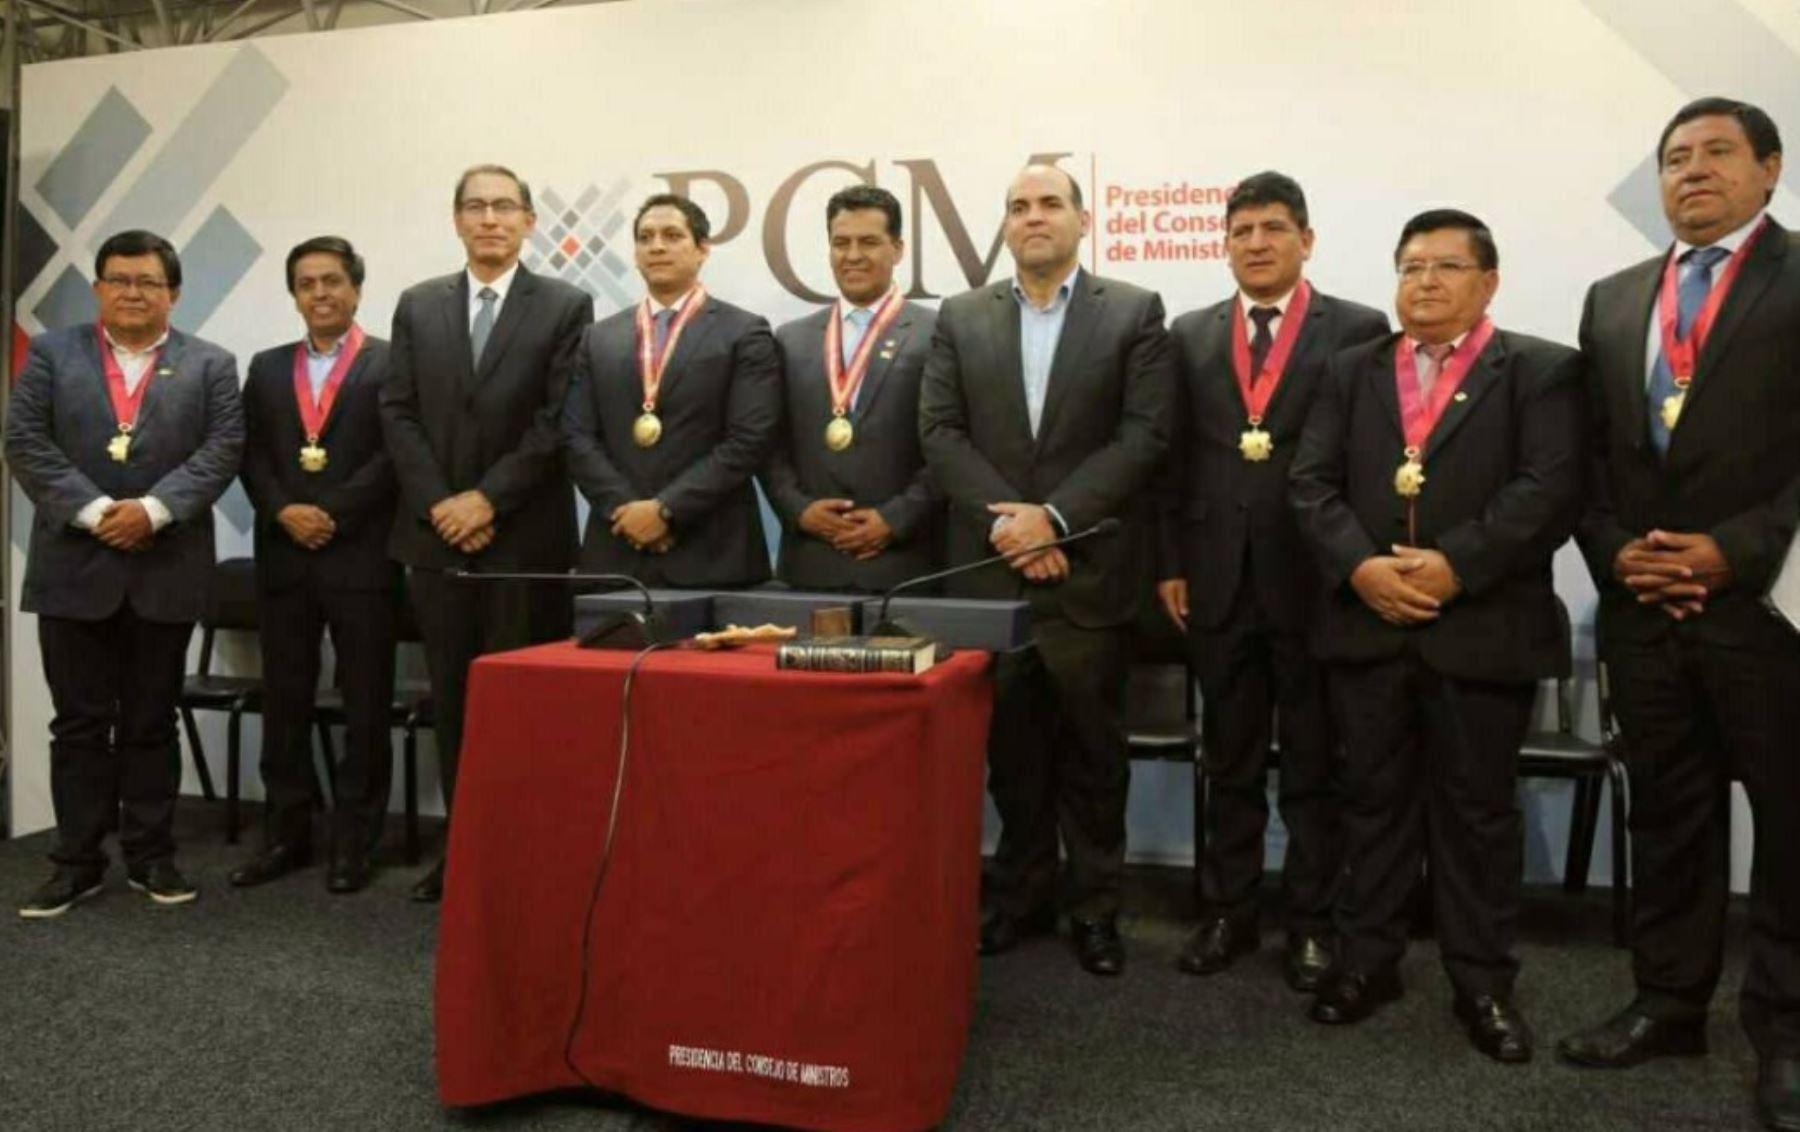 Nuevo Consejo directivo de la Asamblea Nacional de Gobiernos Regionales (ANGR), presidido por el gobernador regional de La Libertad Luis Valdez Farías